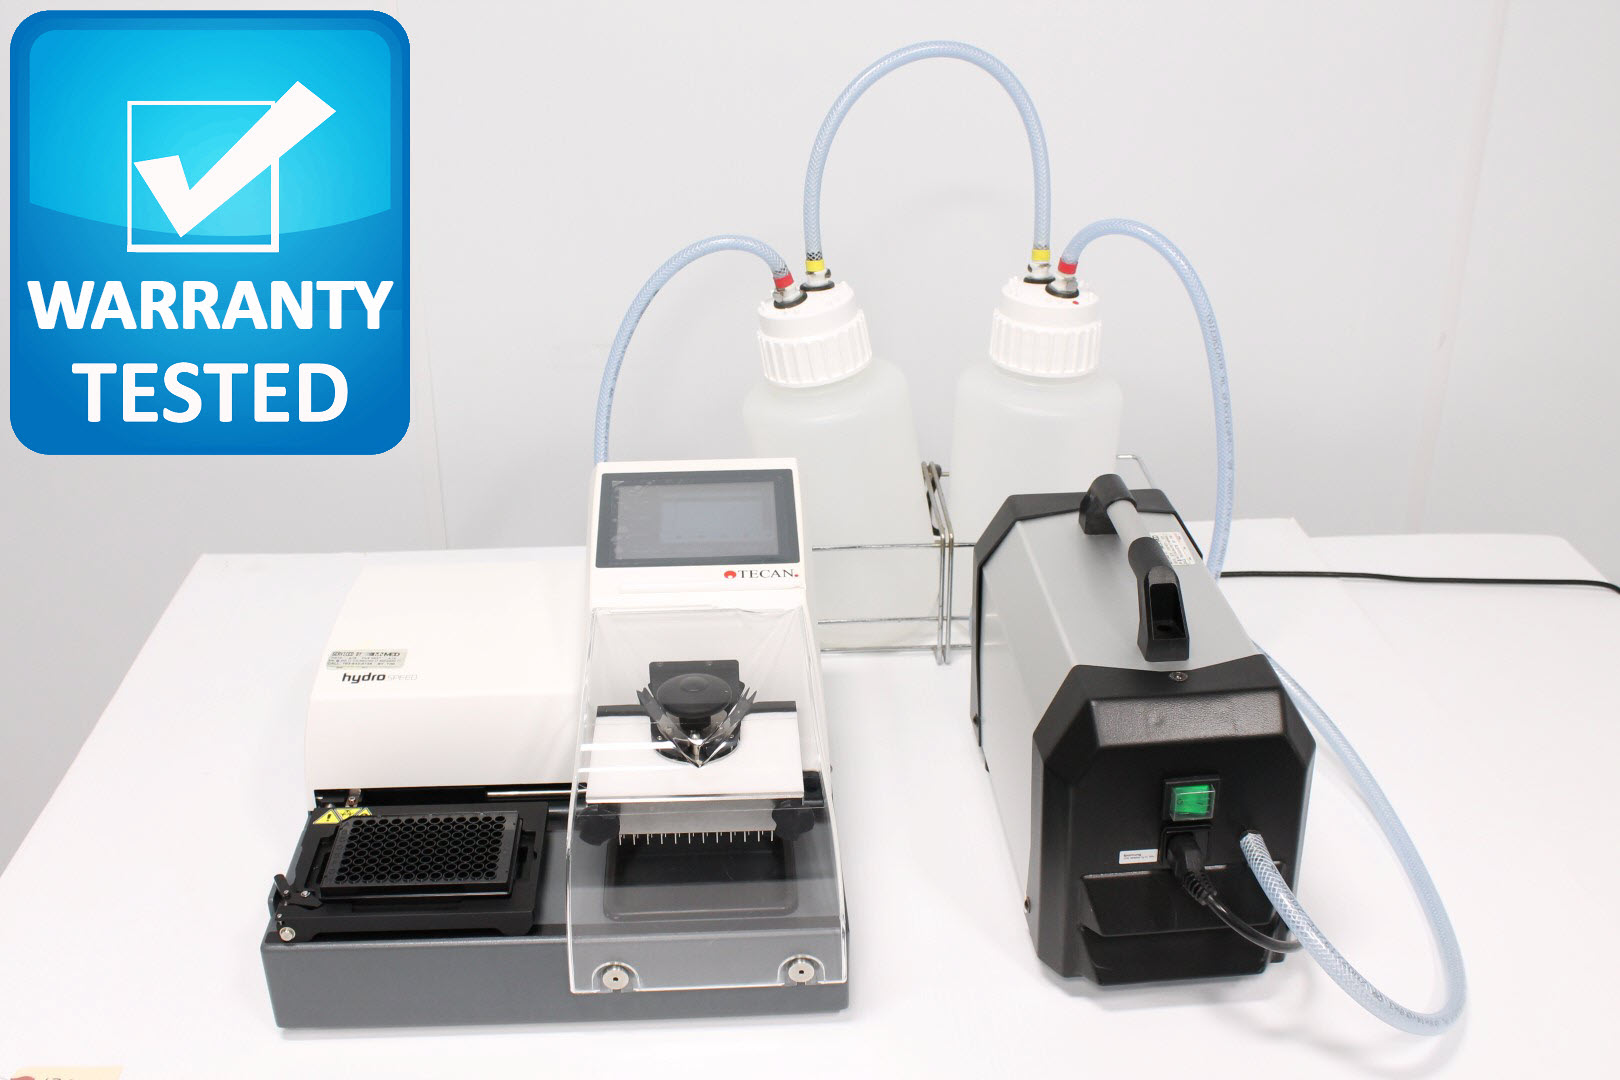 Tecan HydroSpeed Microplate Washer